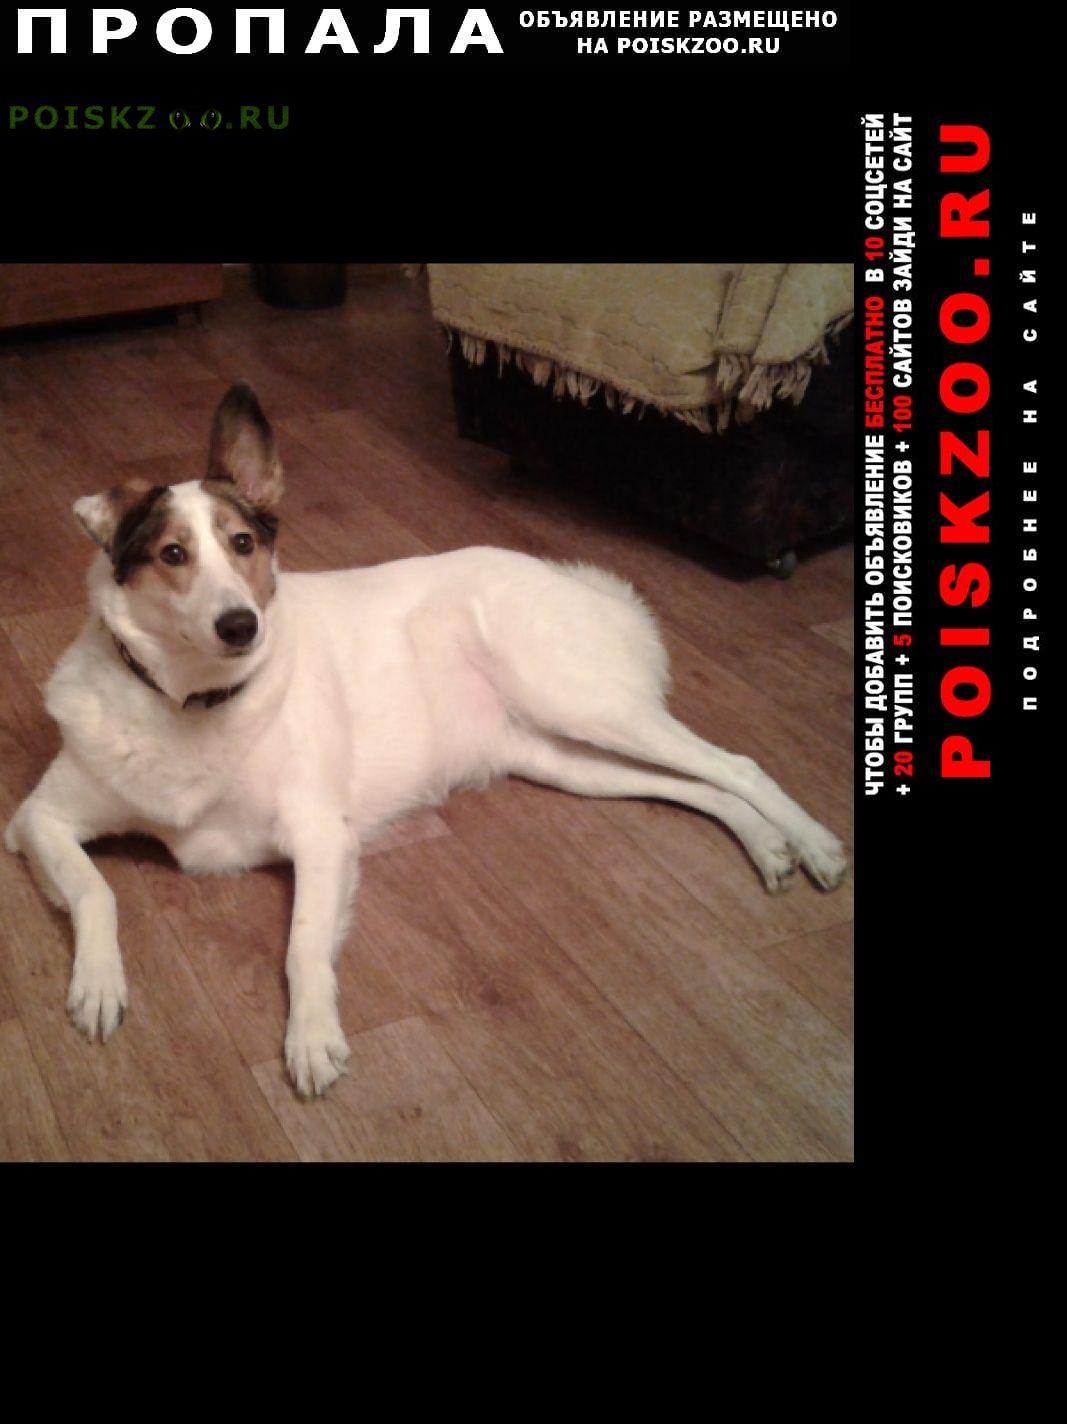 Пропала собака белая с поводком г.Ярославль